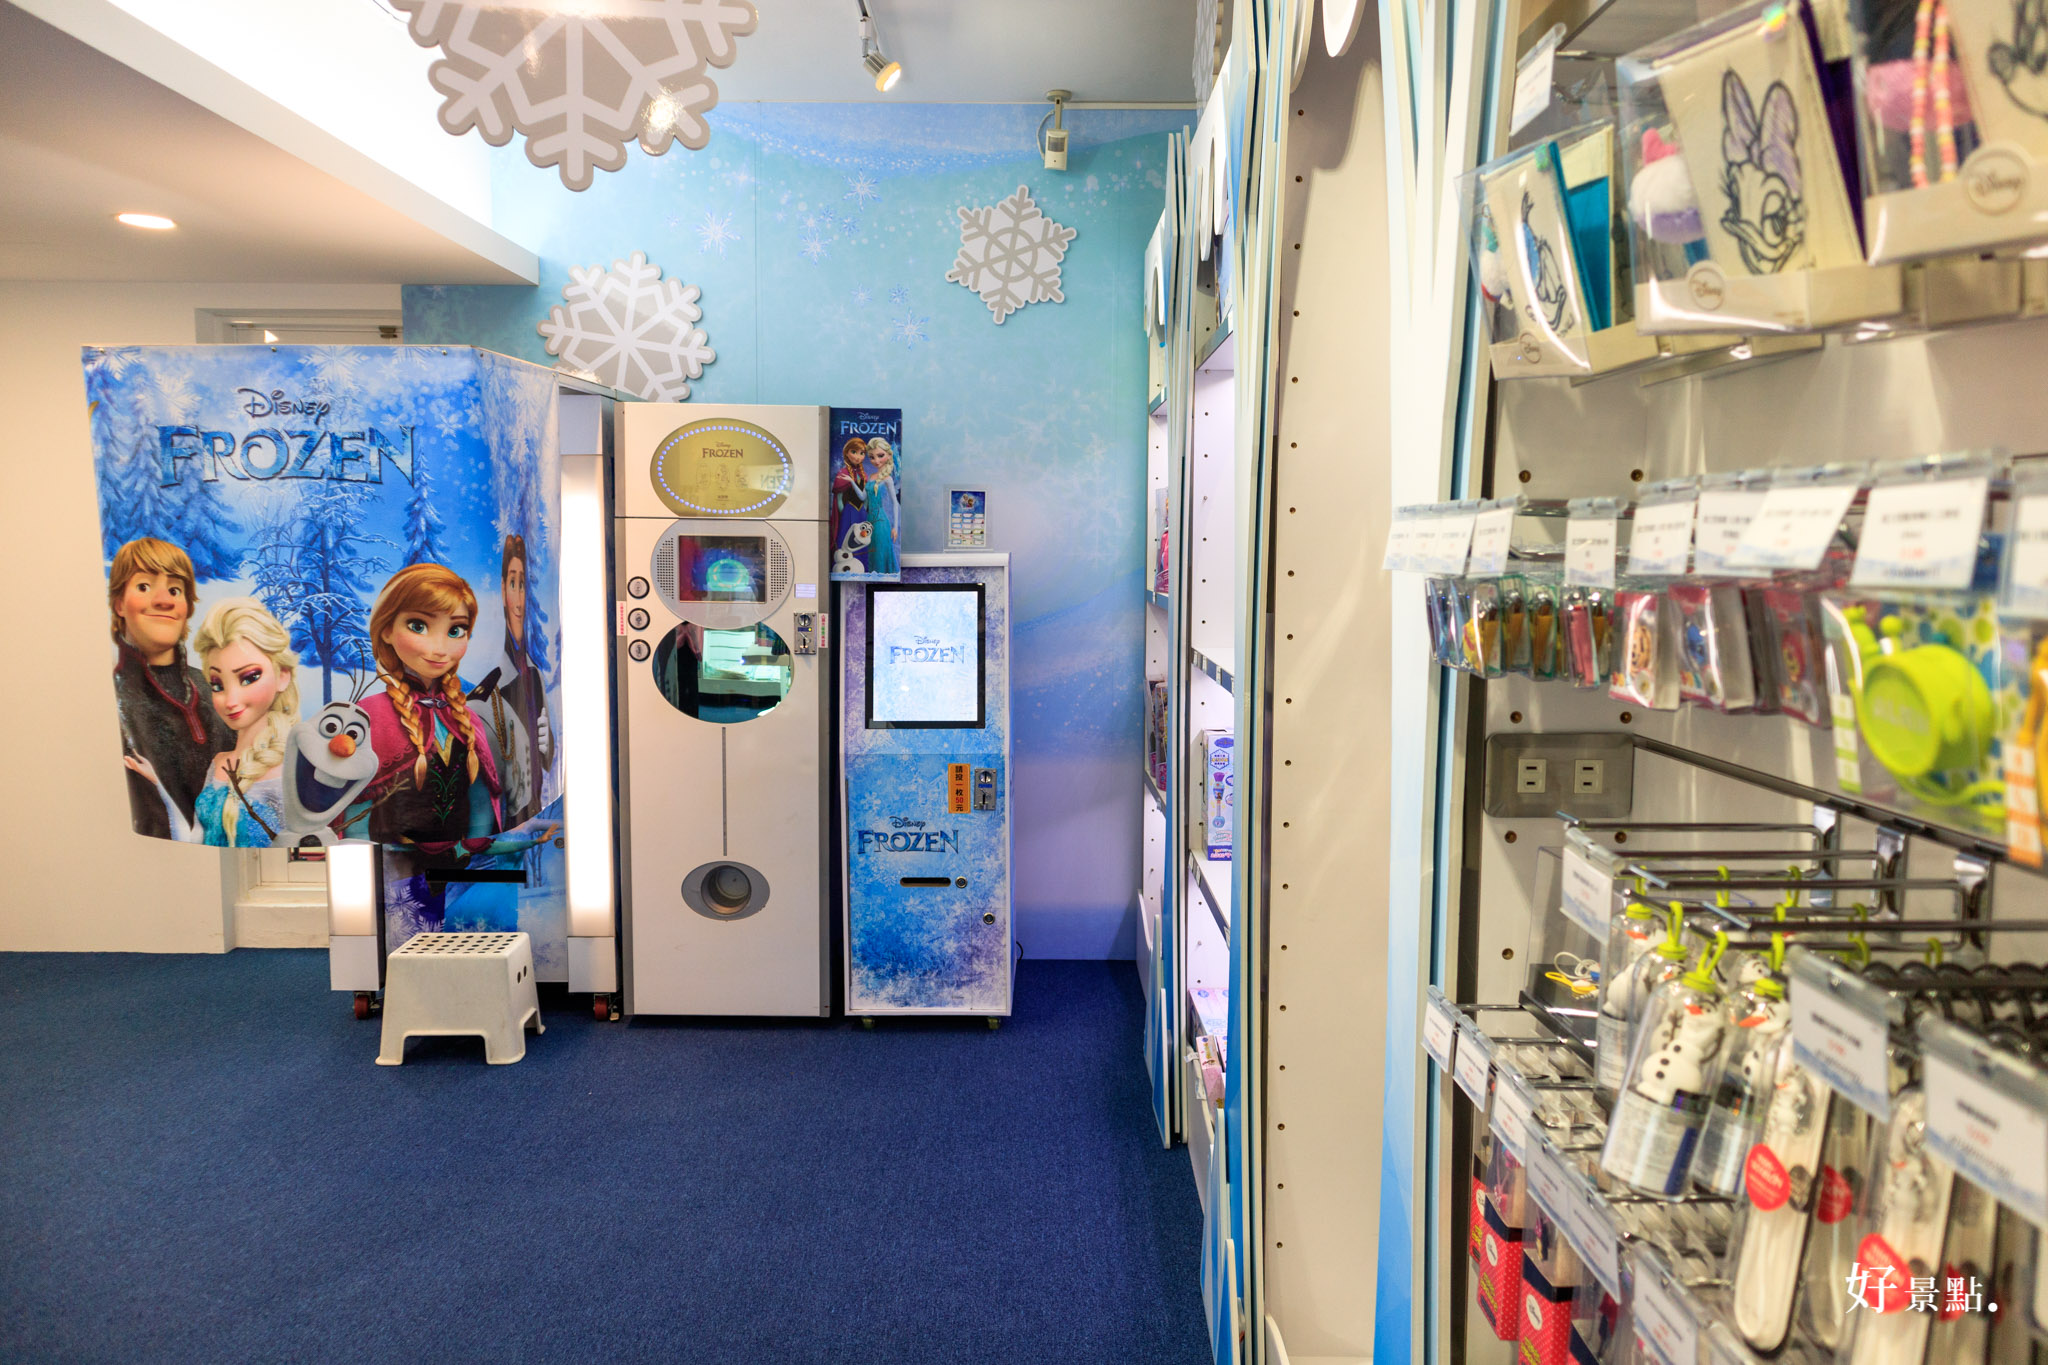  台北。大安 忠孝敦化站-冰雪奇緣冰紛派對快閃店/IG打卡熱點!快來和艾莎、雪寶拍照